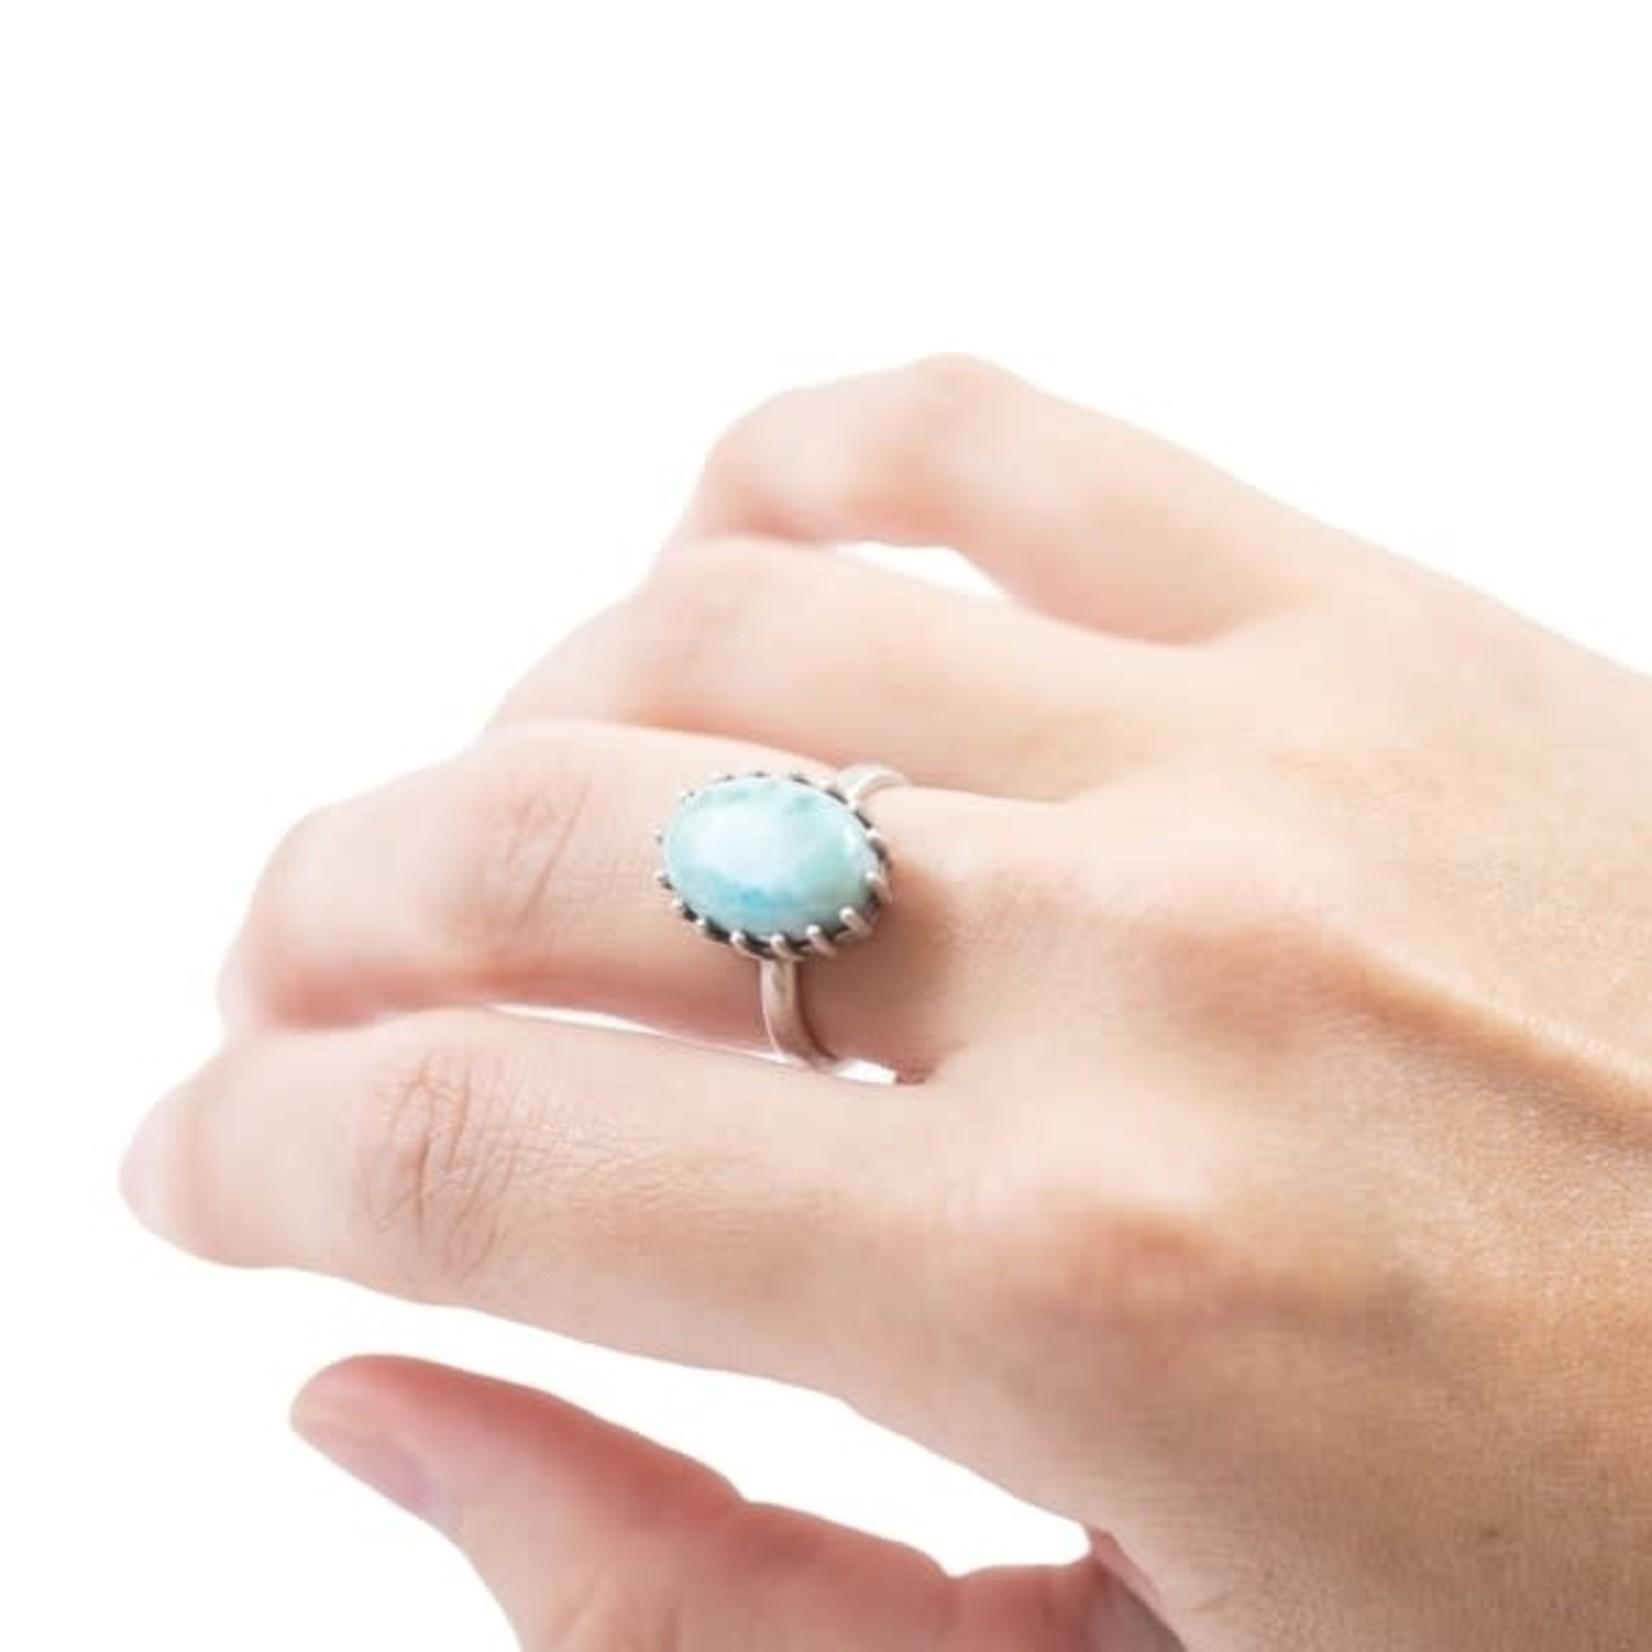 Large Larimar Stone Ring